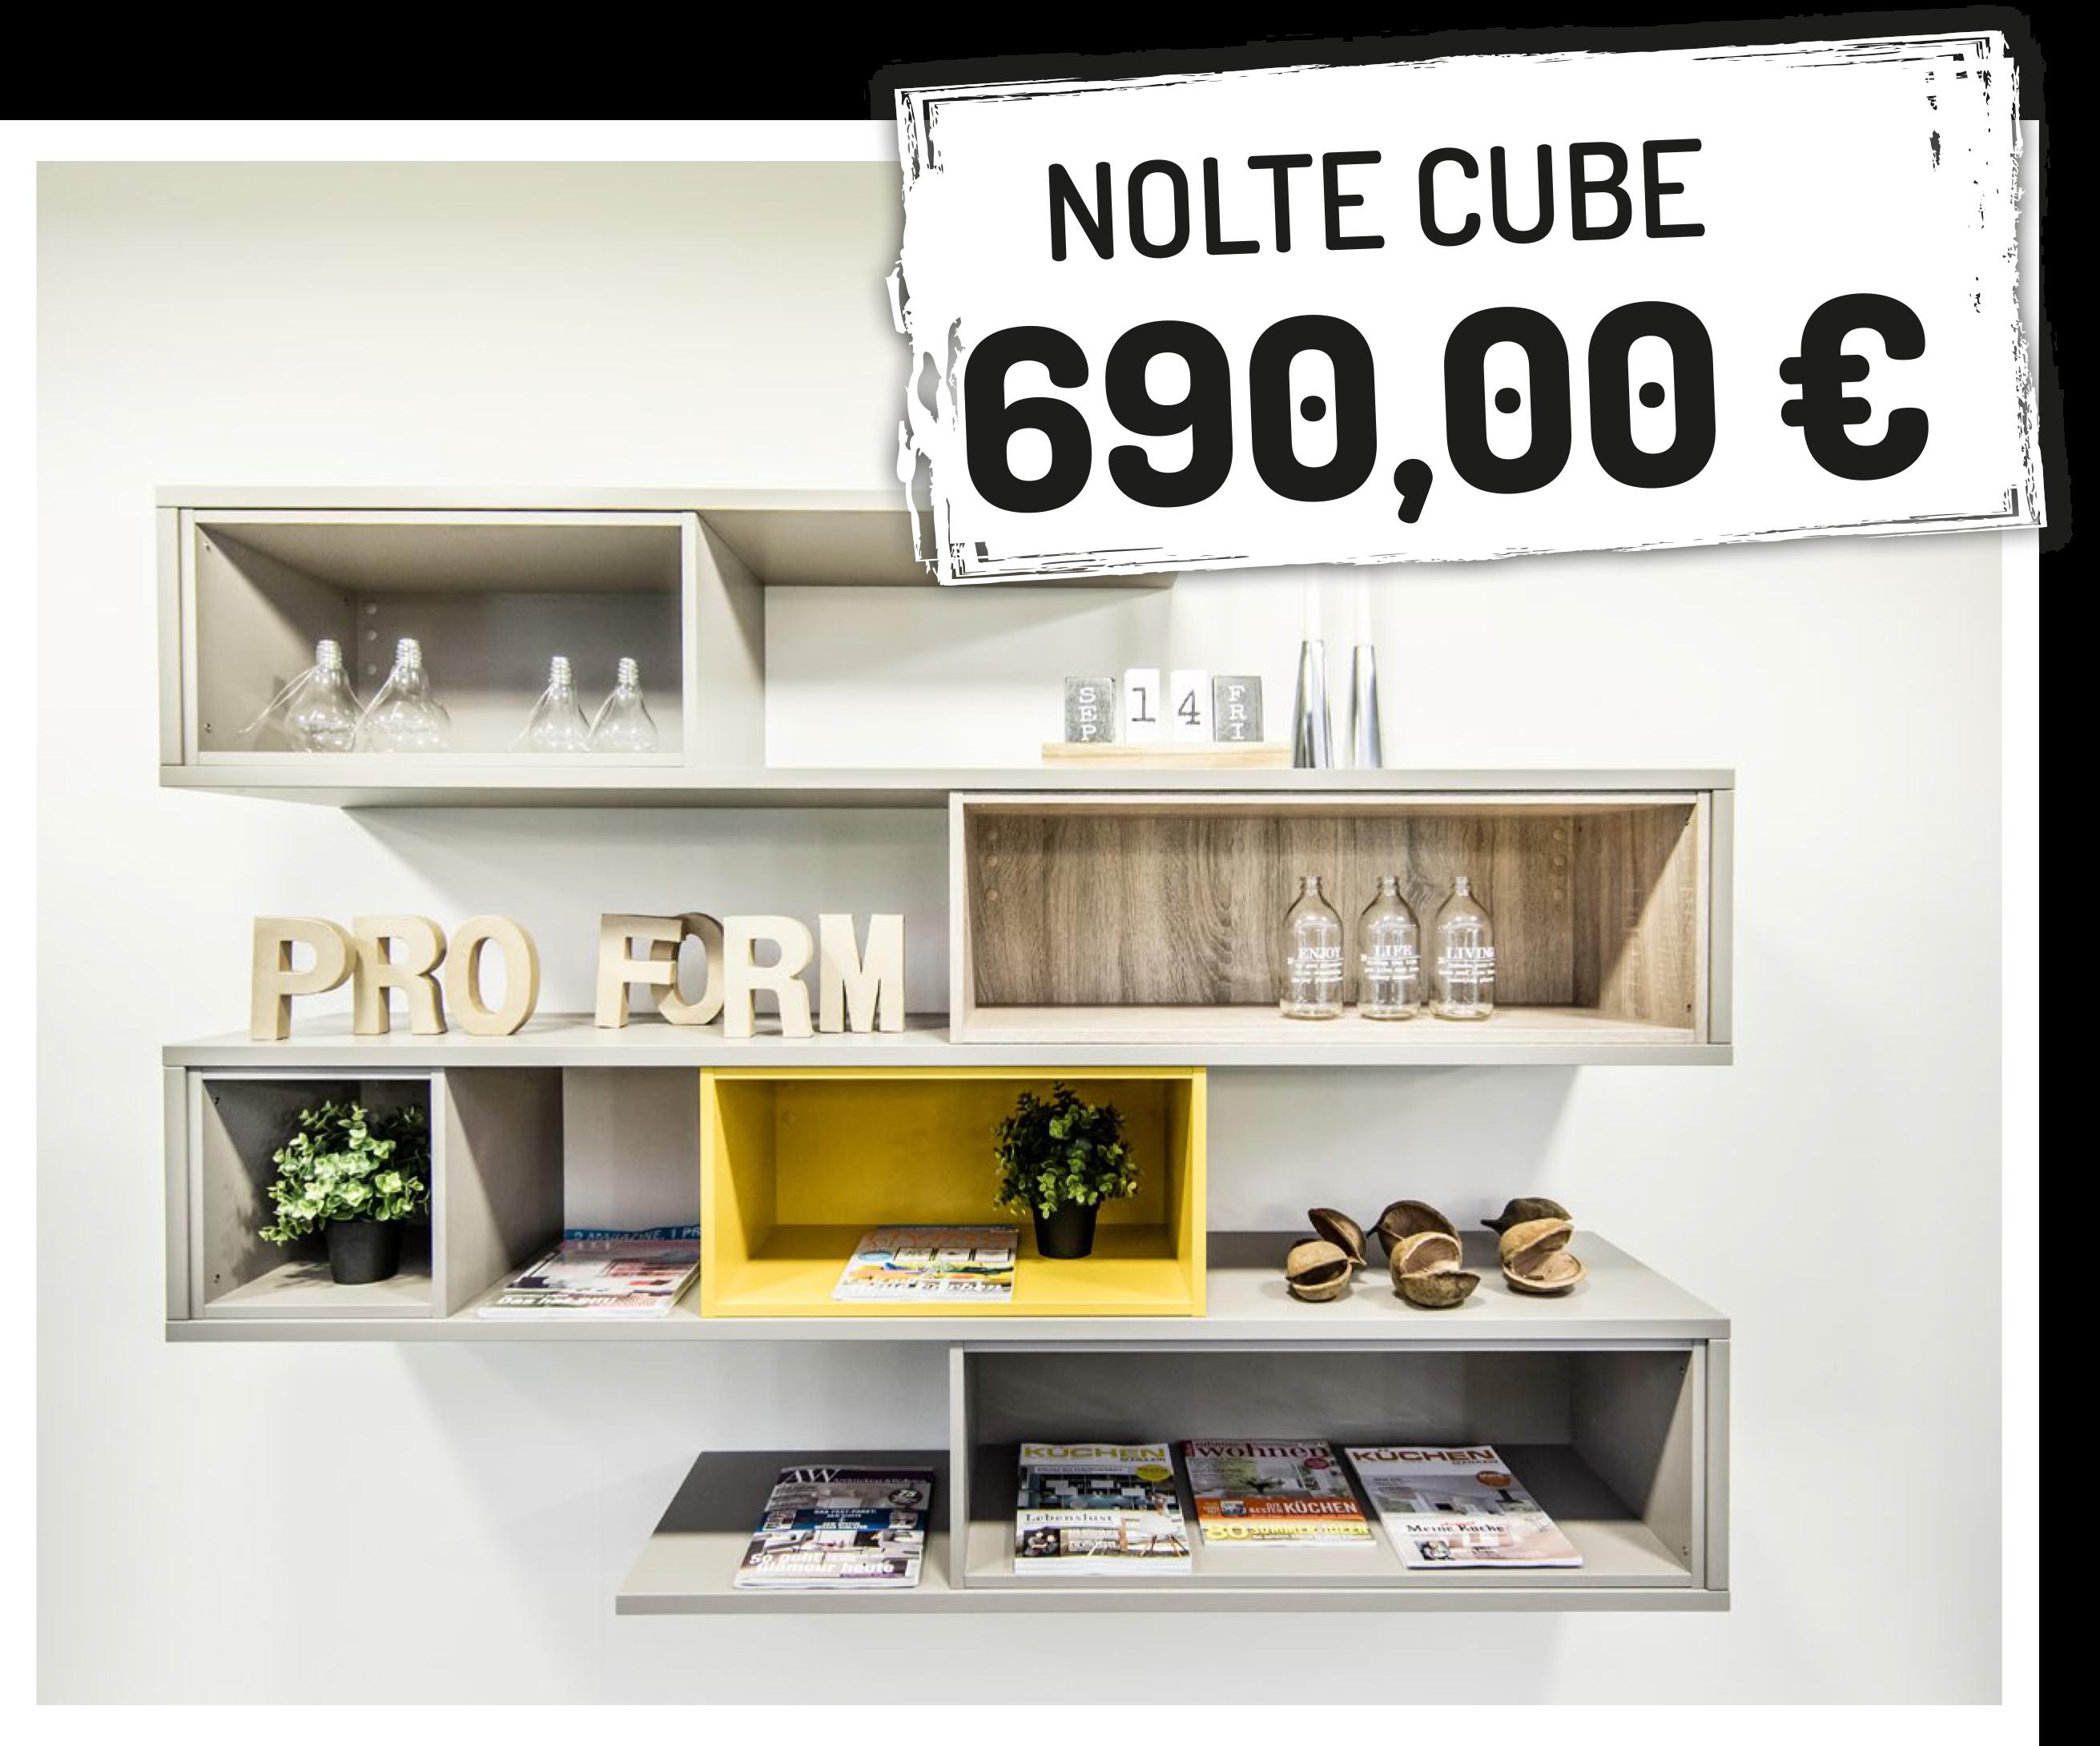 nolte-Cube